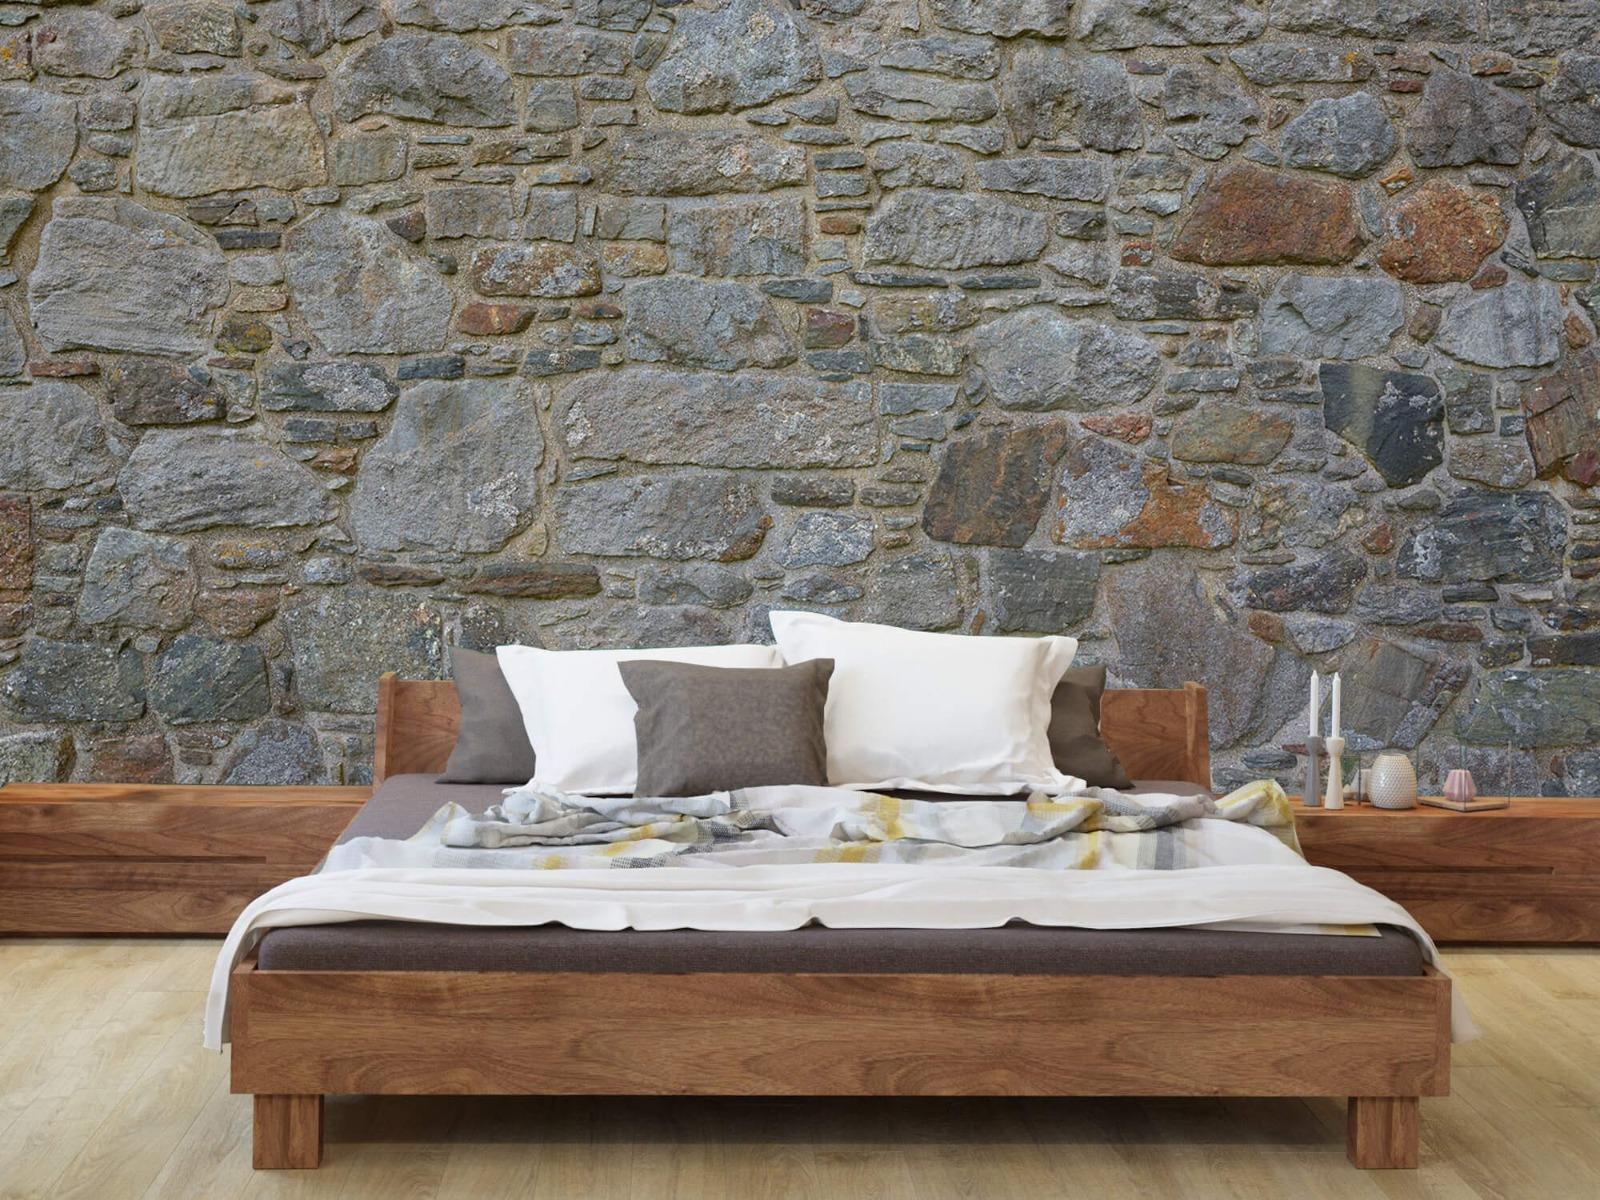 Papier peint en pierre - Mur de pierre médiéval - Chambre à coucher 8